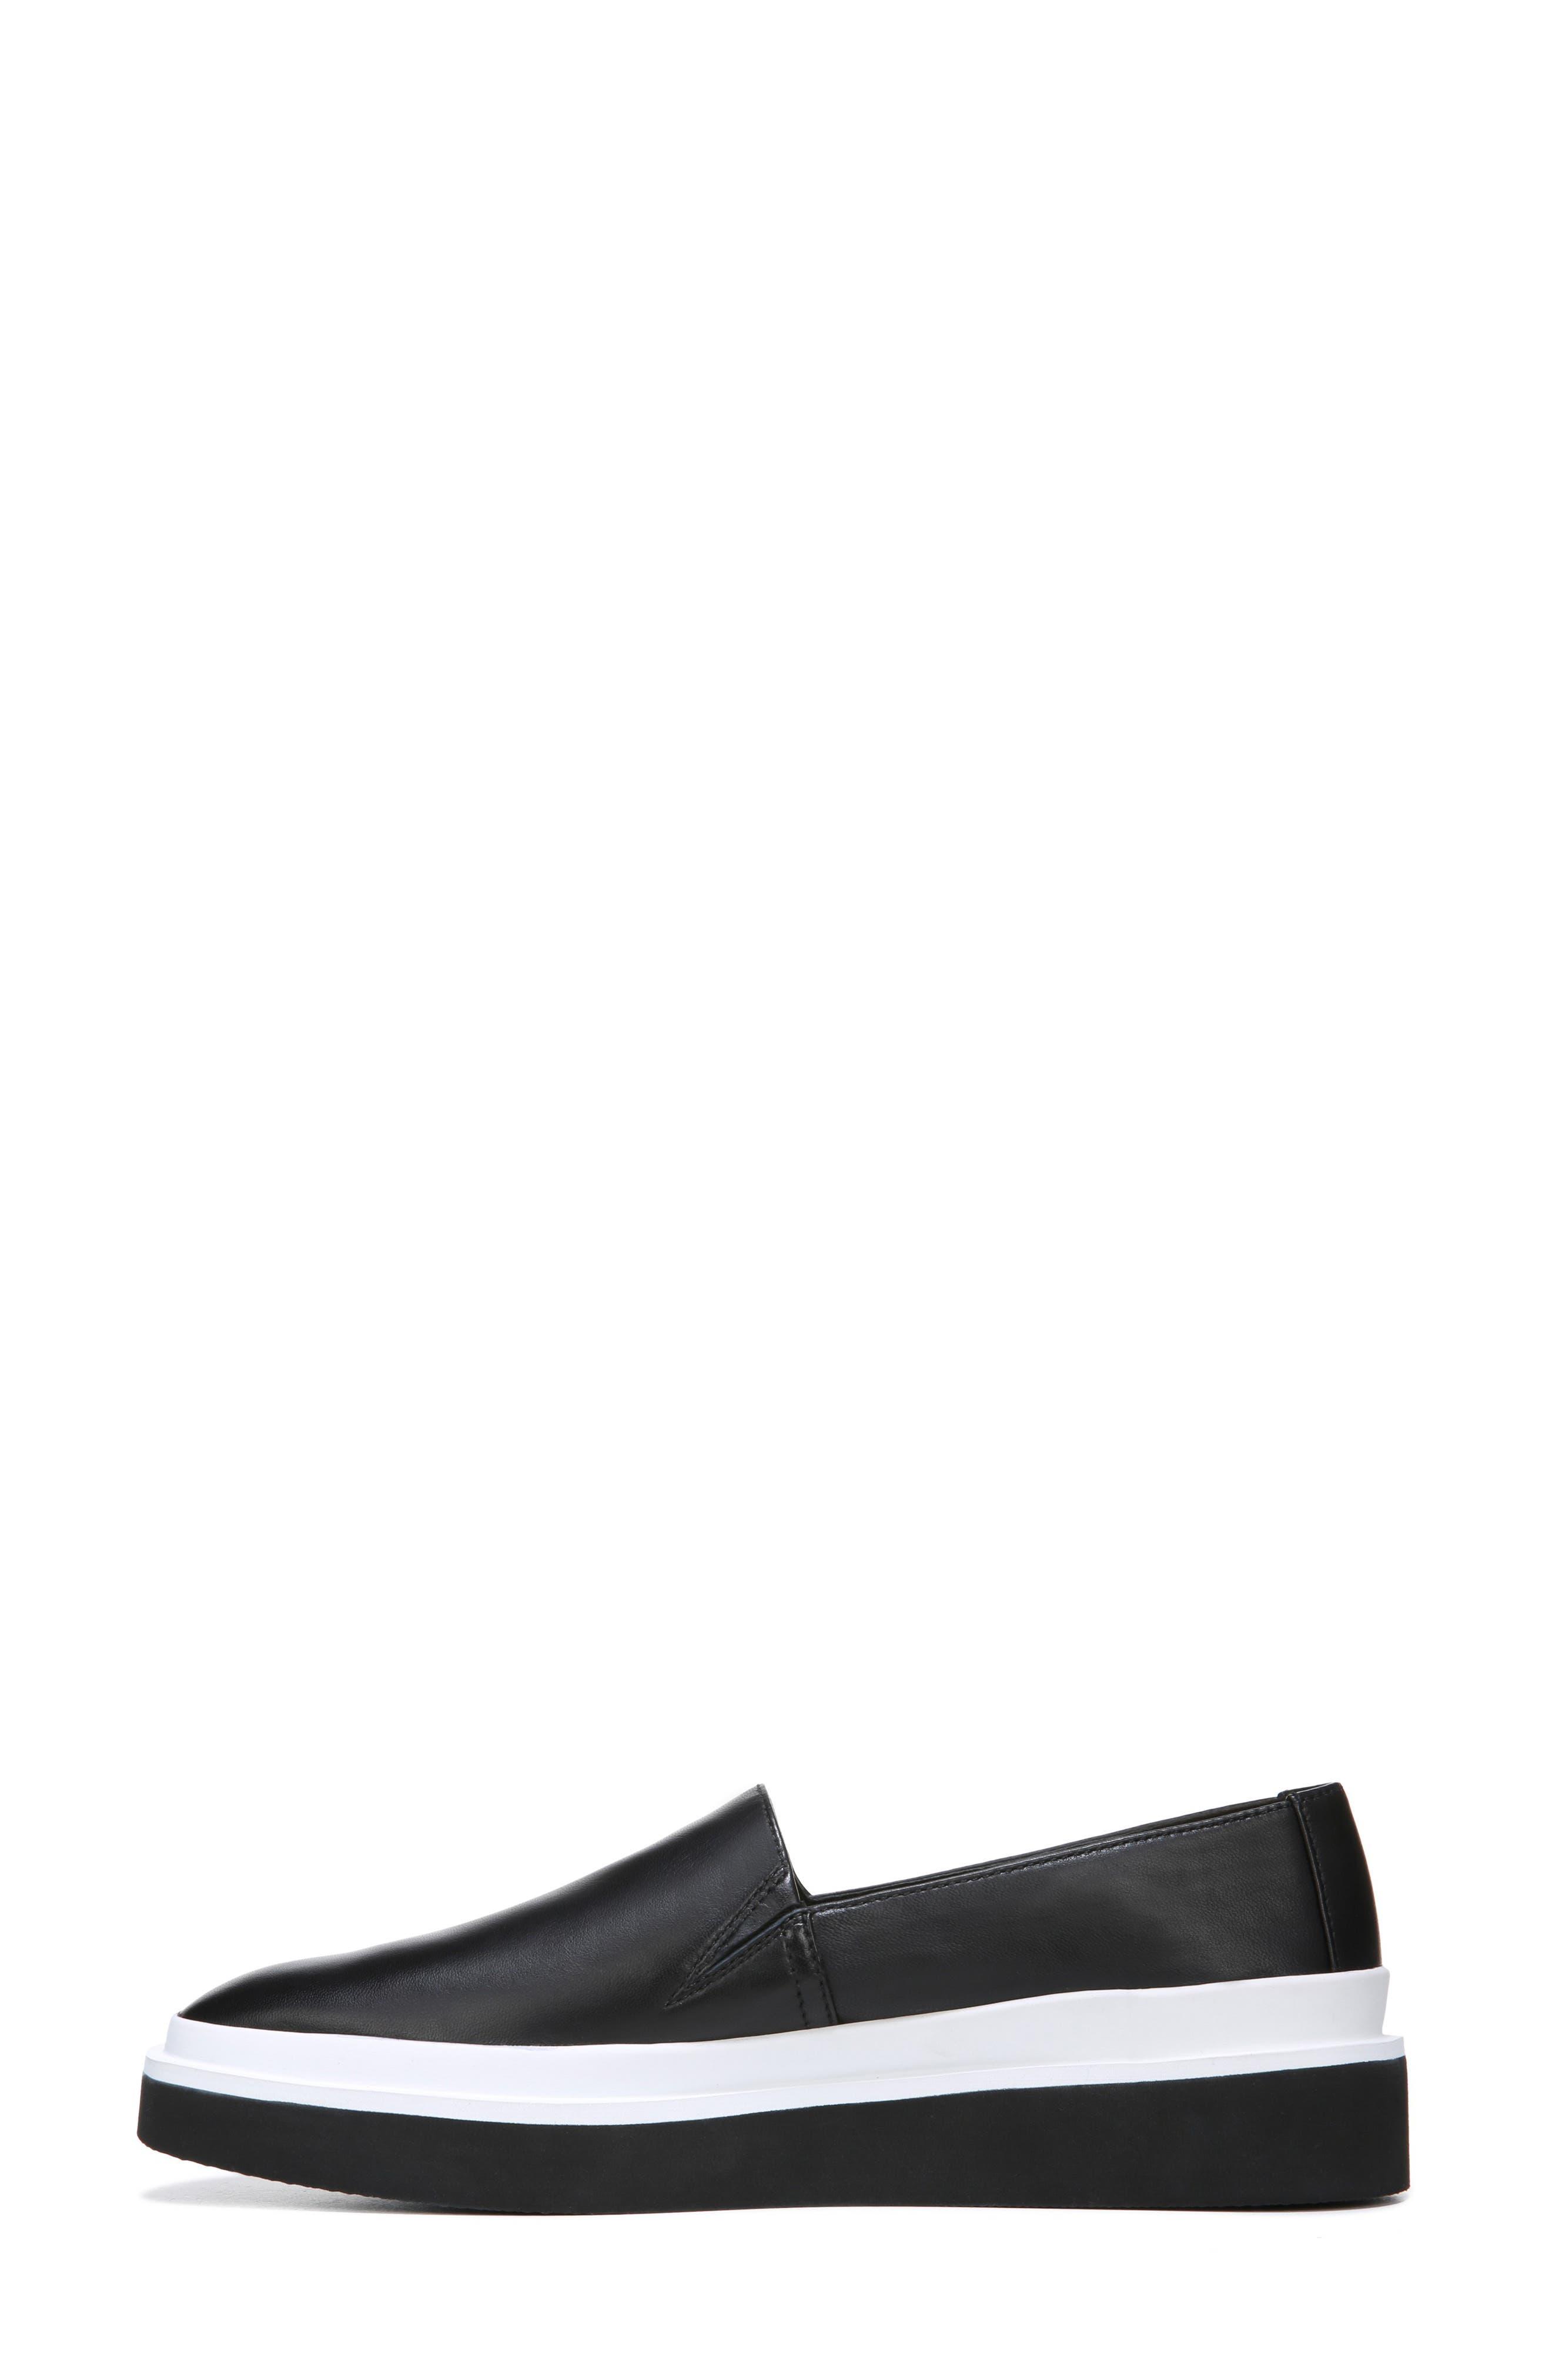 Travis Slip-on Sneaker,                             Alternate thumbnail 8, color,                             BLACK